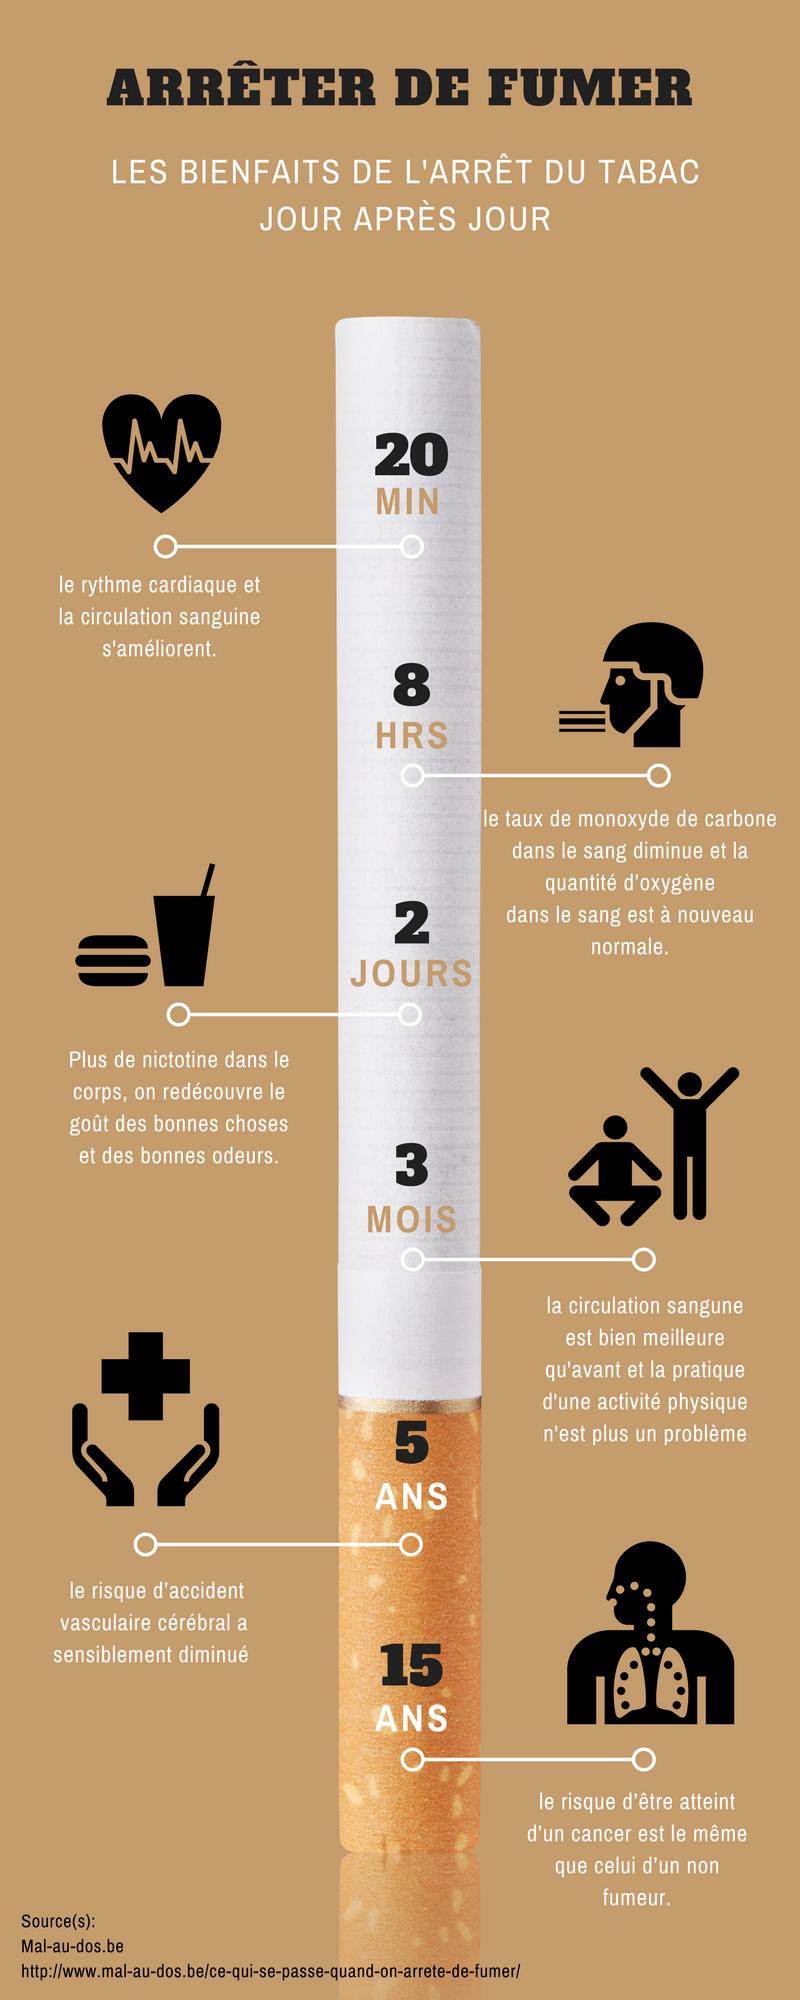 Arrêt du tabac: les bienfaits pour la peau, les cheveux